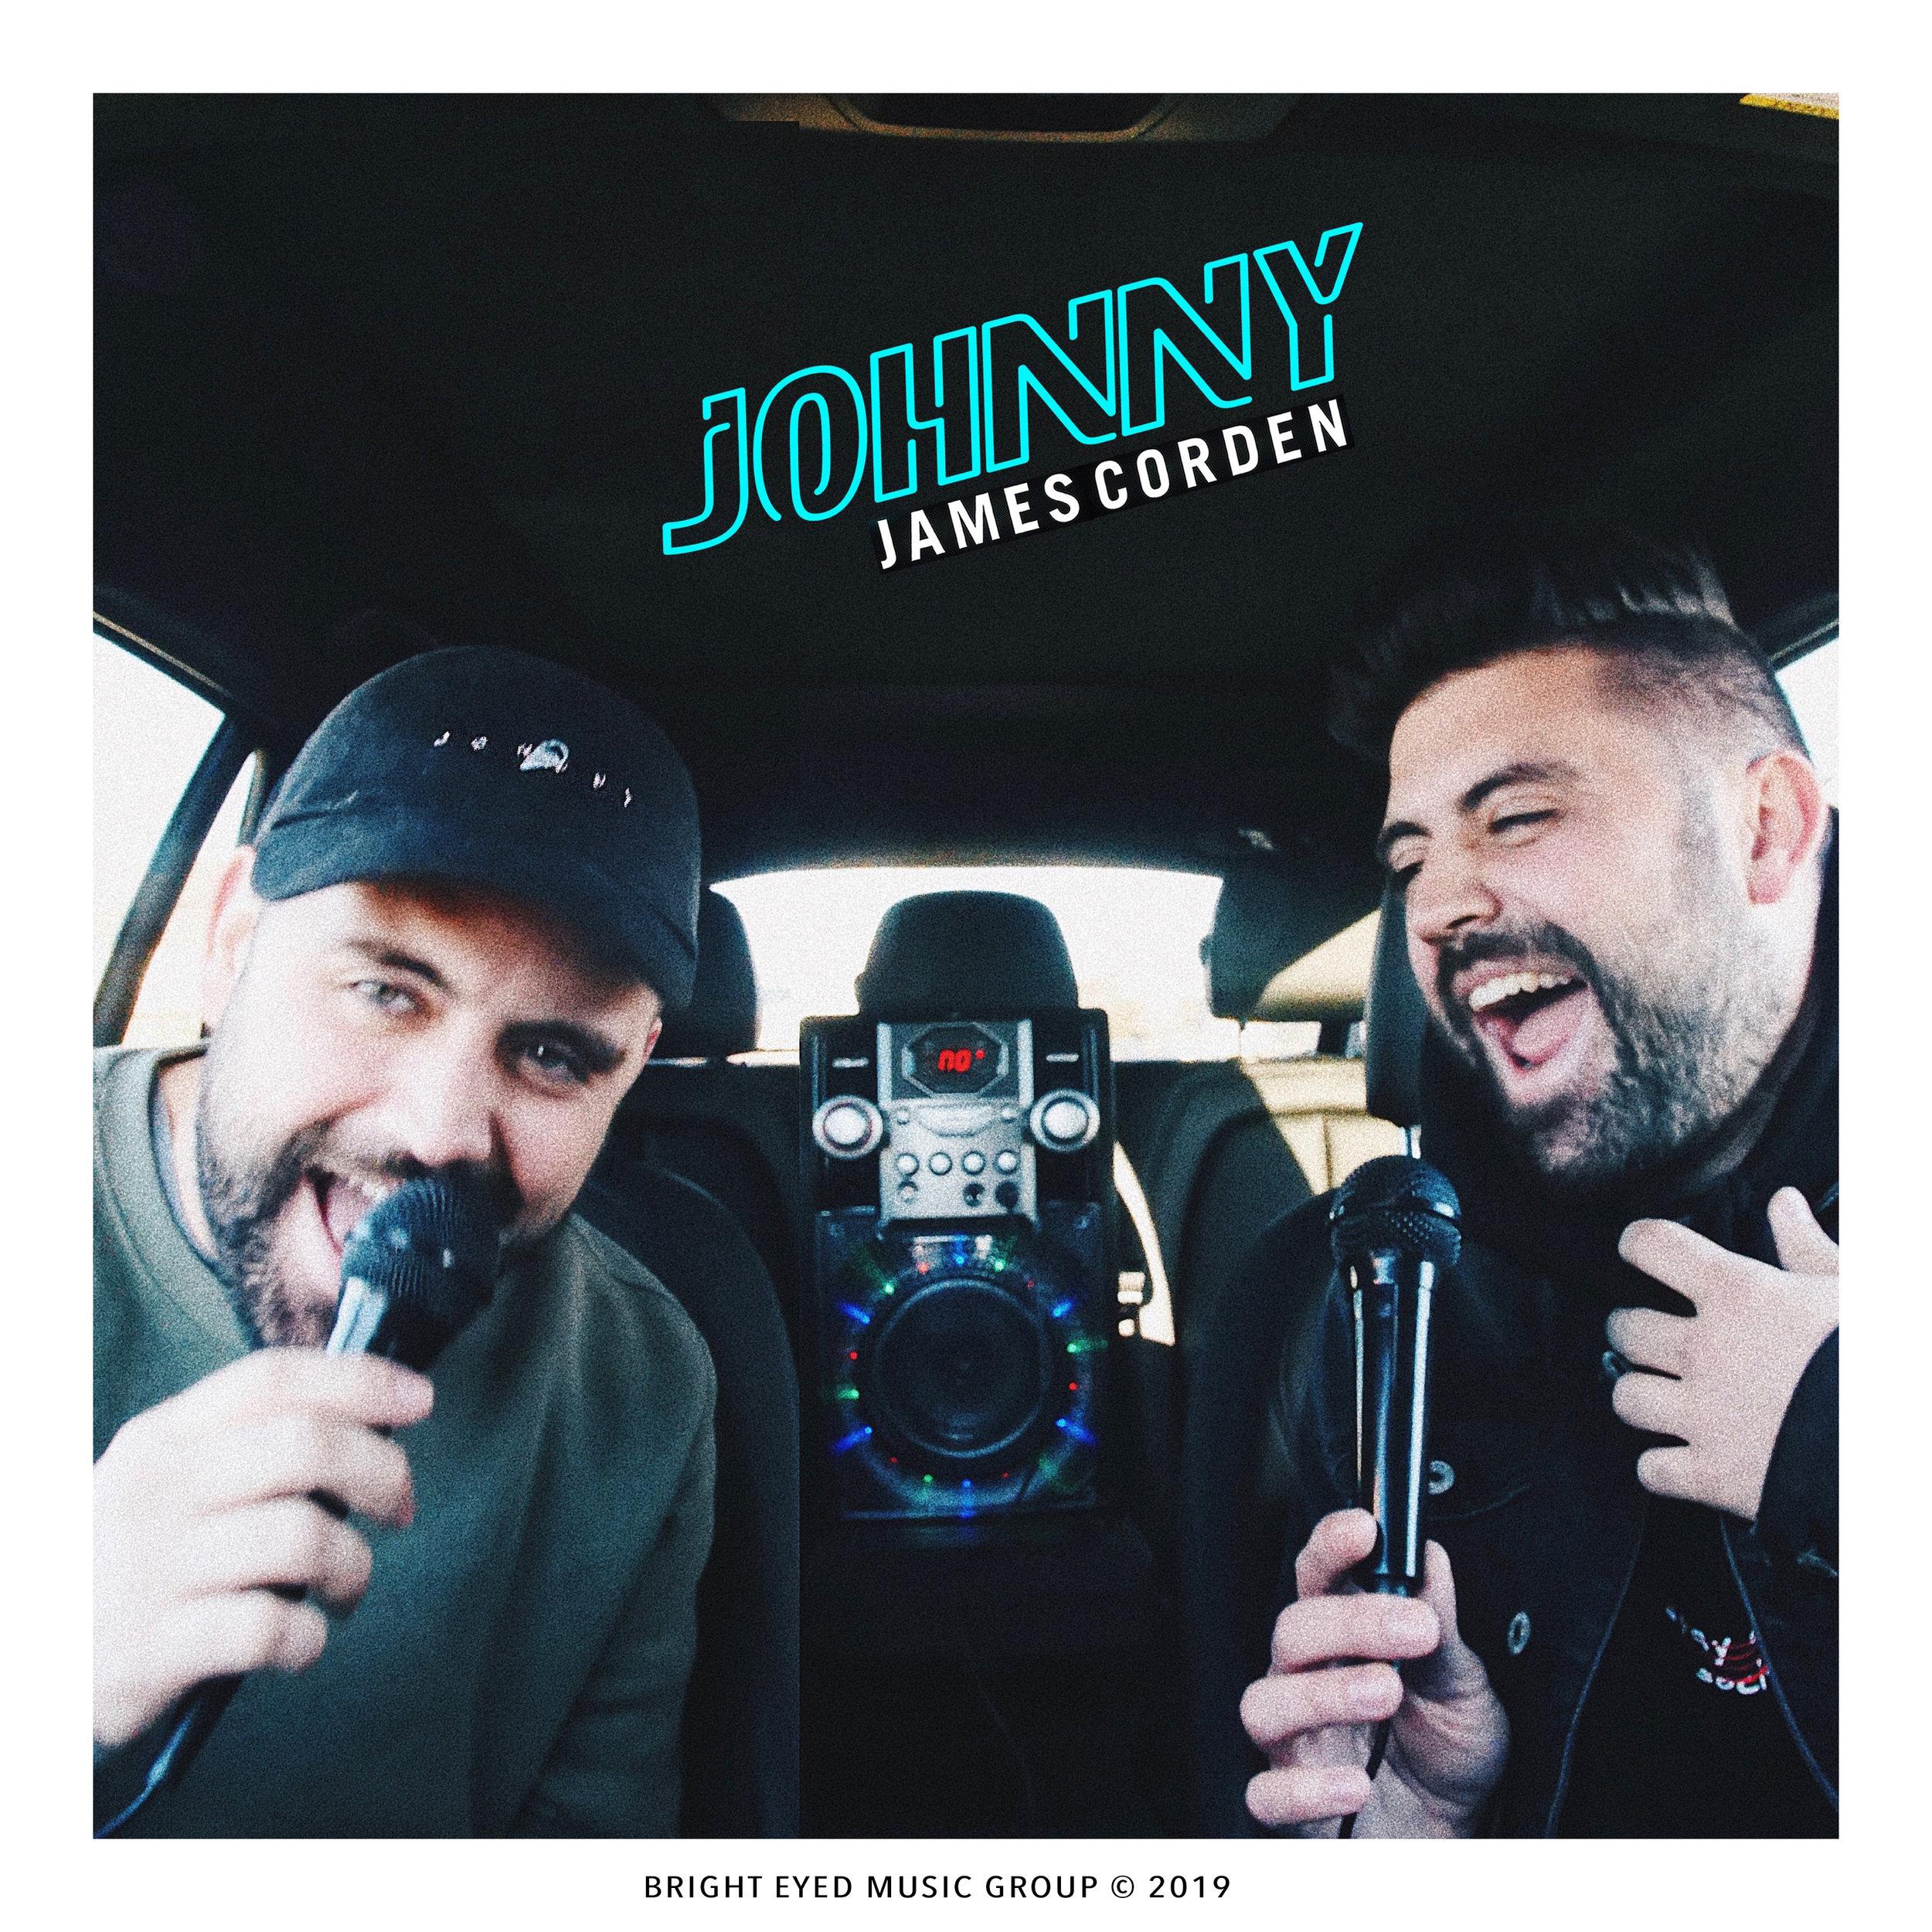 LISTEN-TO-JOHNNY-JAMES-CORDEN-ART-JOHN-WHORISKEY-JR.jpg